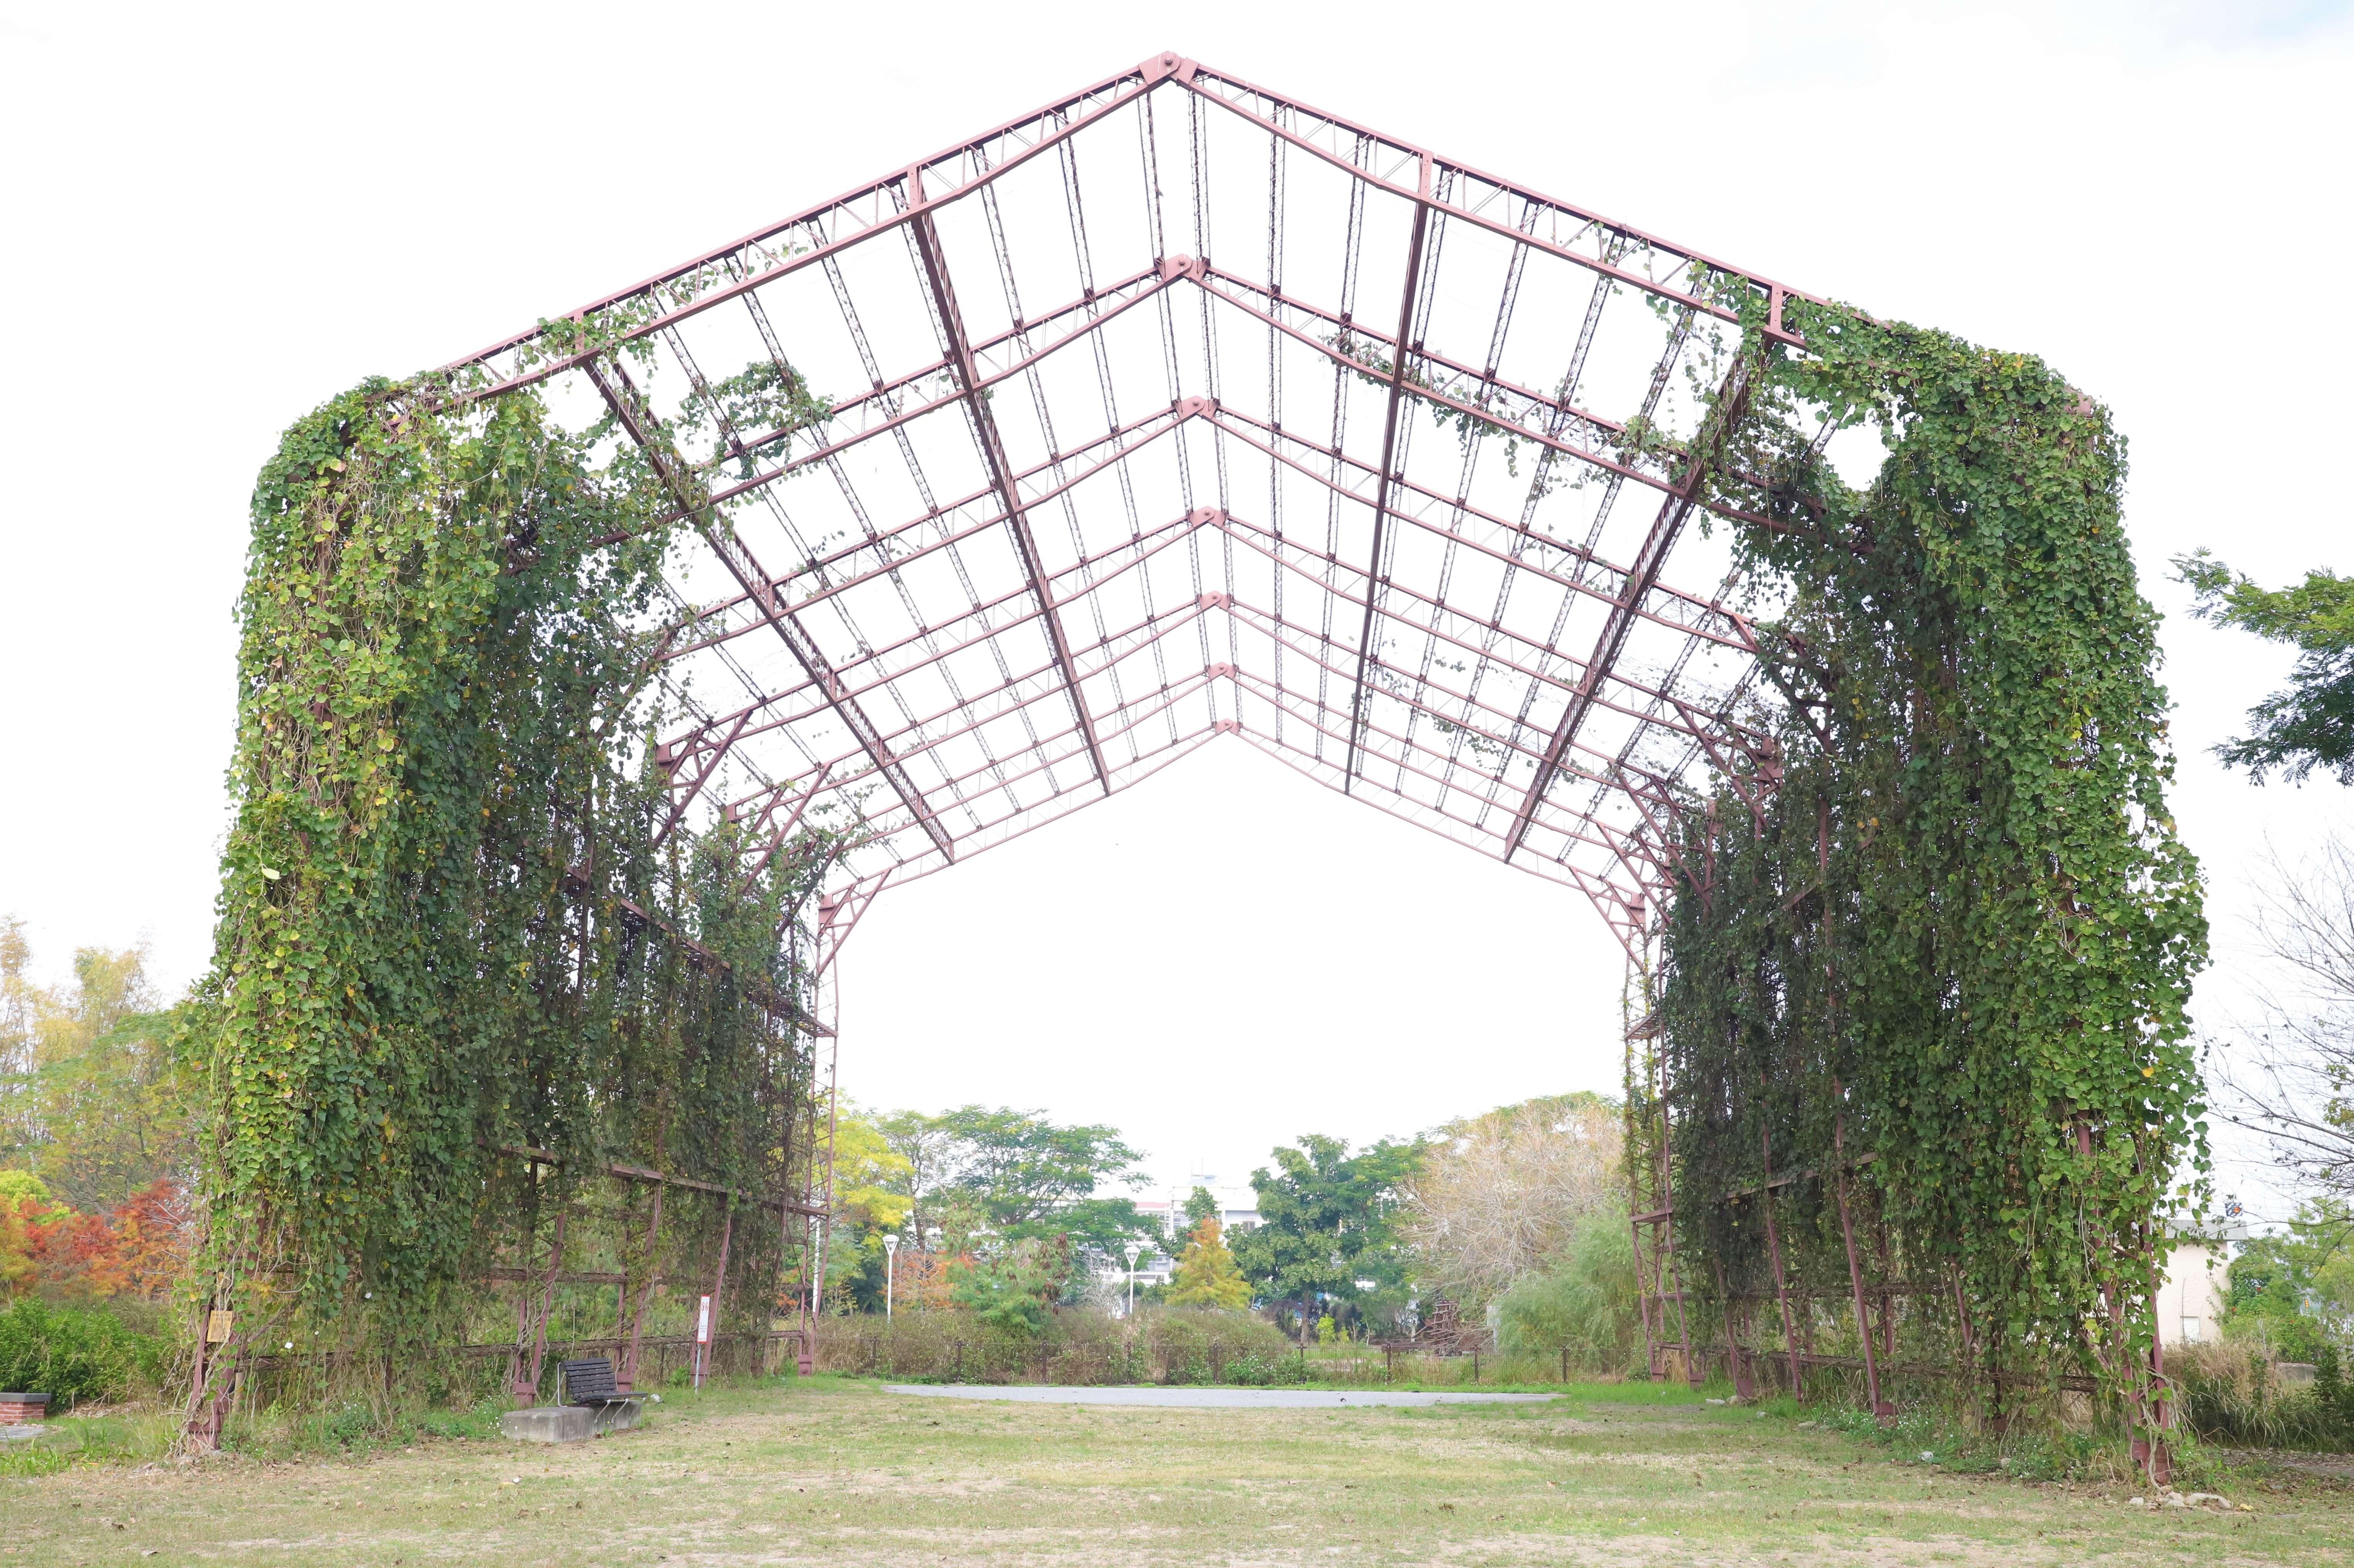 寶隆紙廠大鐵棚是熱門打卡景點。